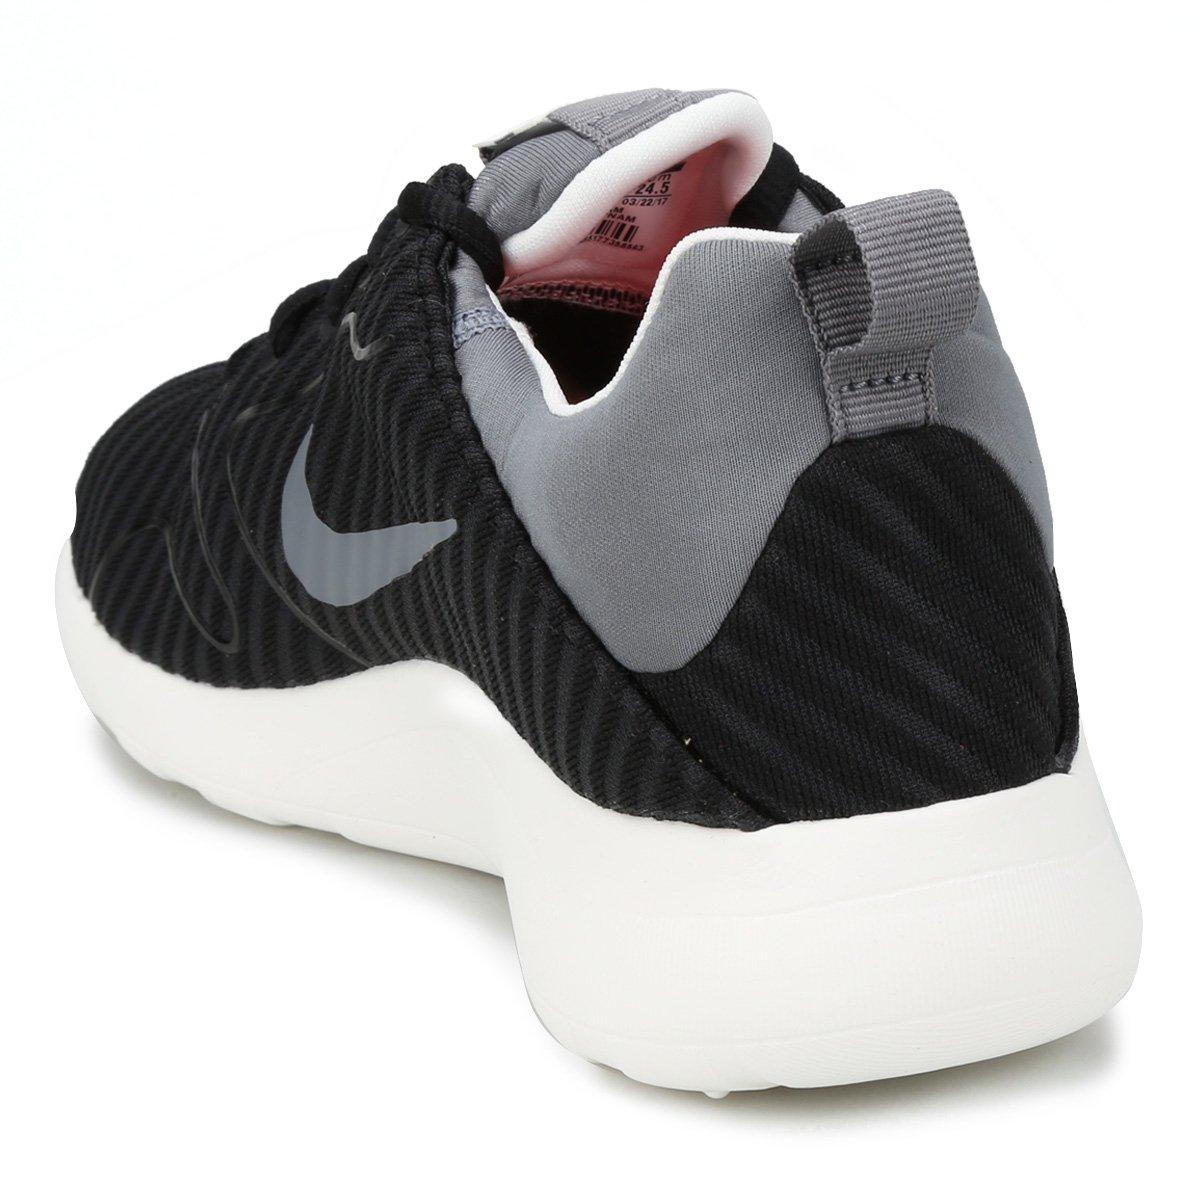 Tênis Nike Wmns Kaishi 2.0 Se Feminino - Compre Agora  0f5dcb2e897b4